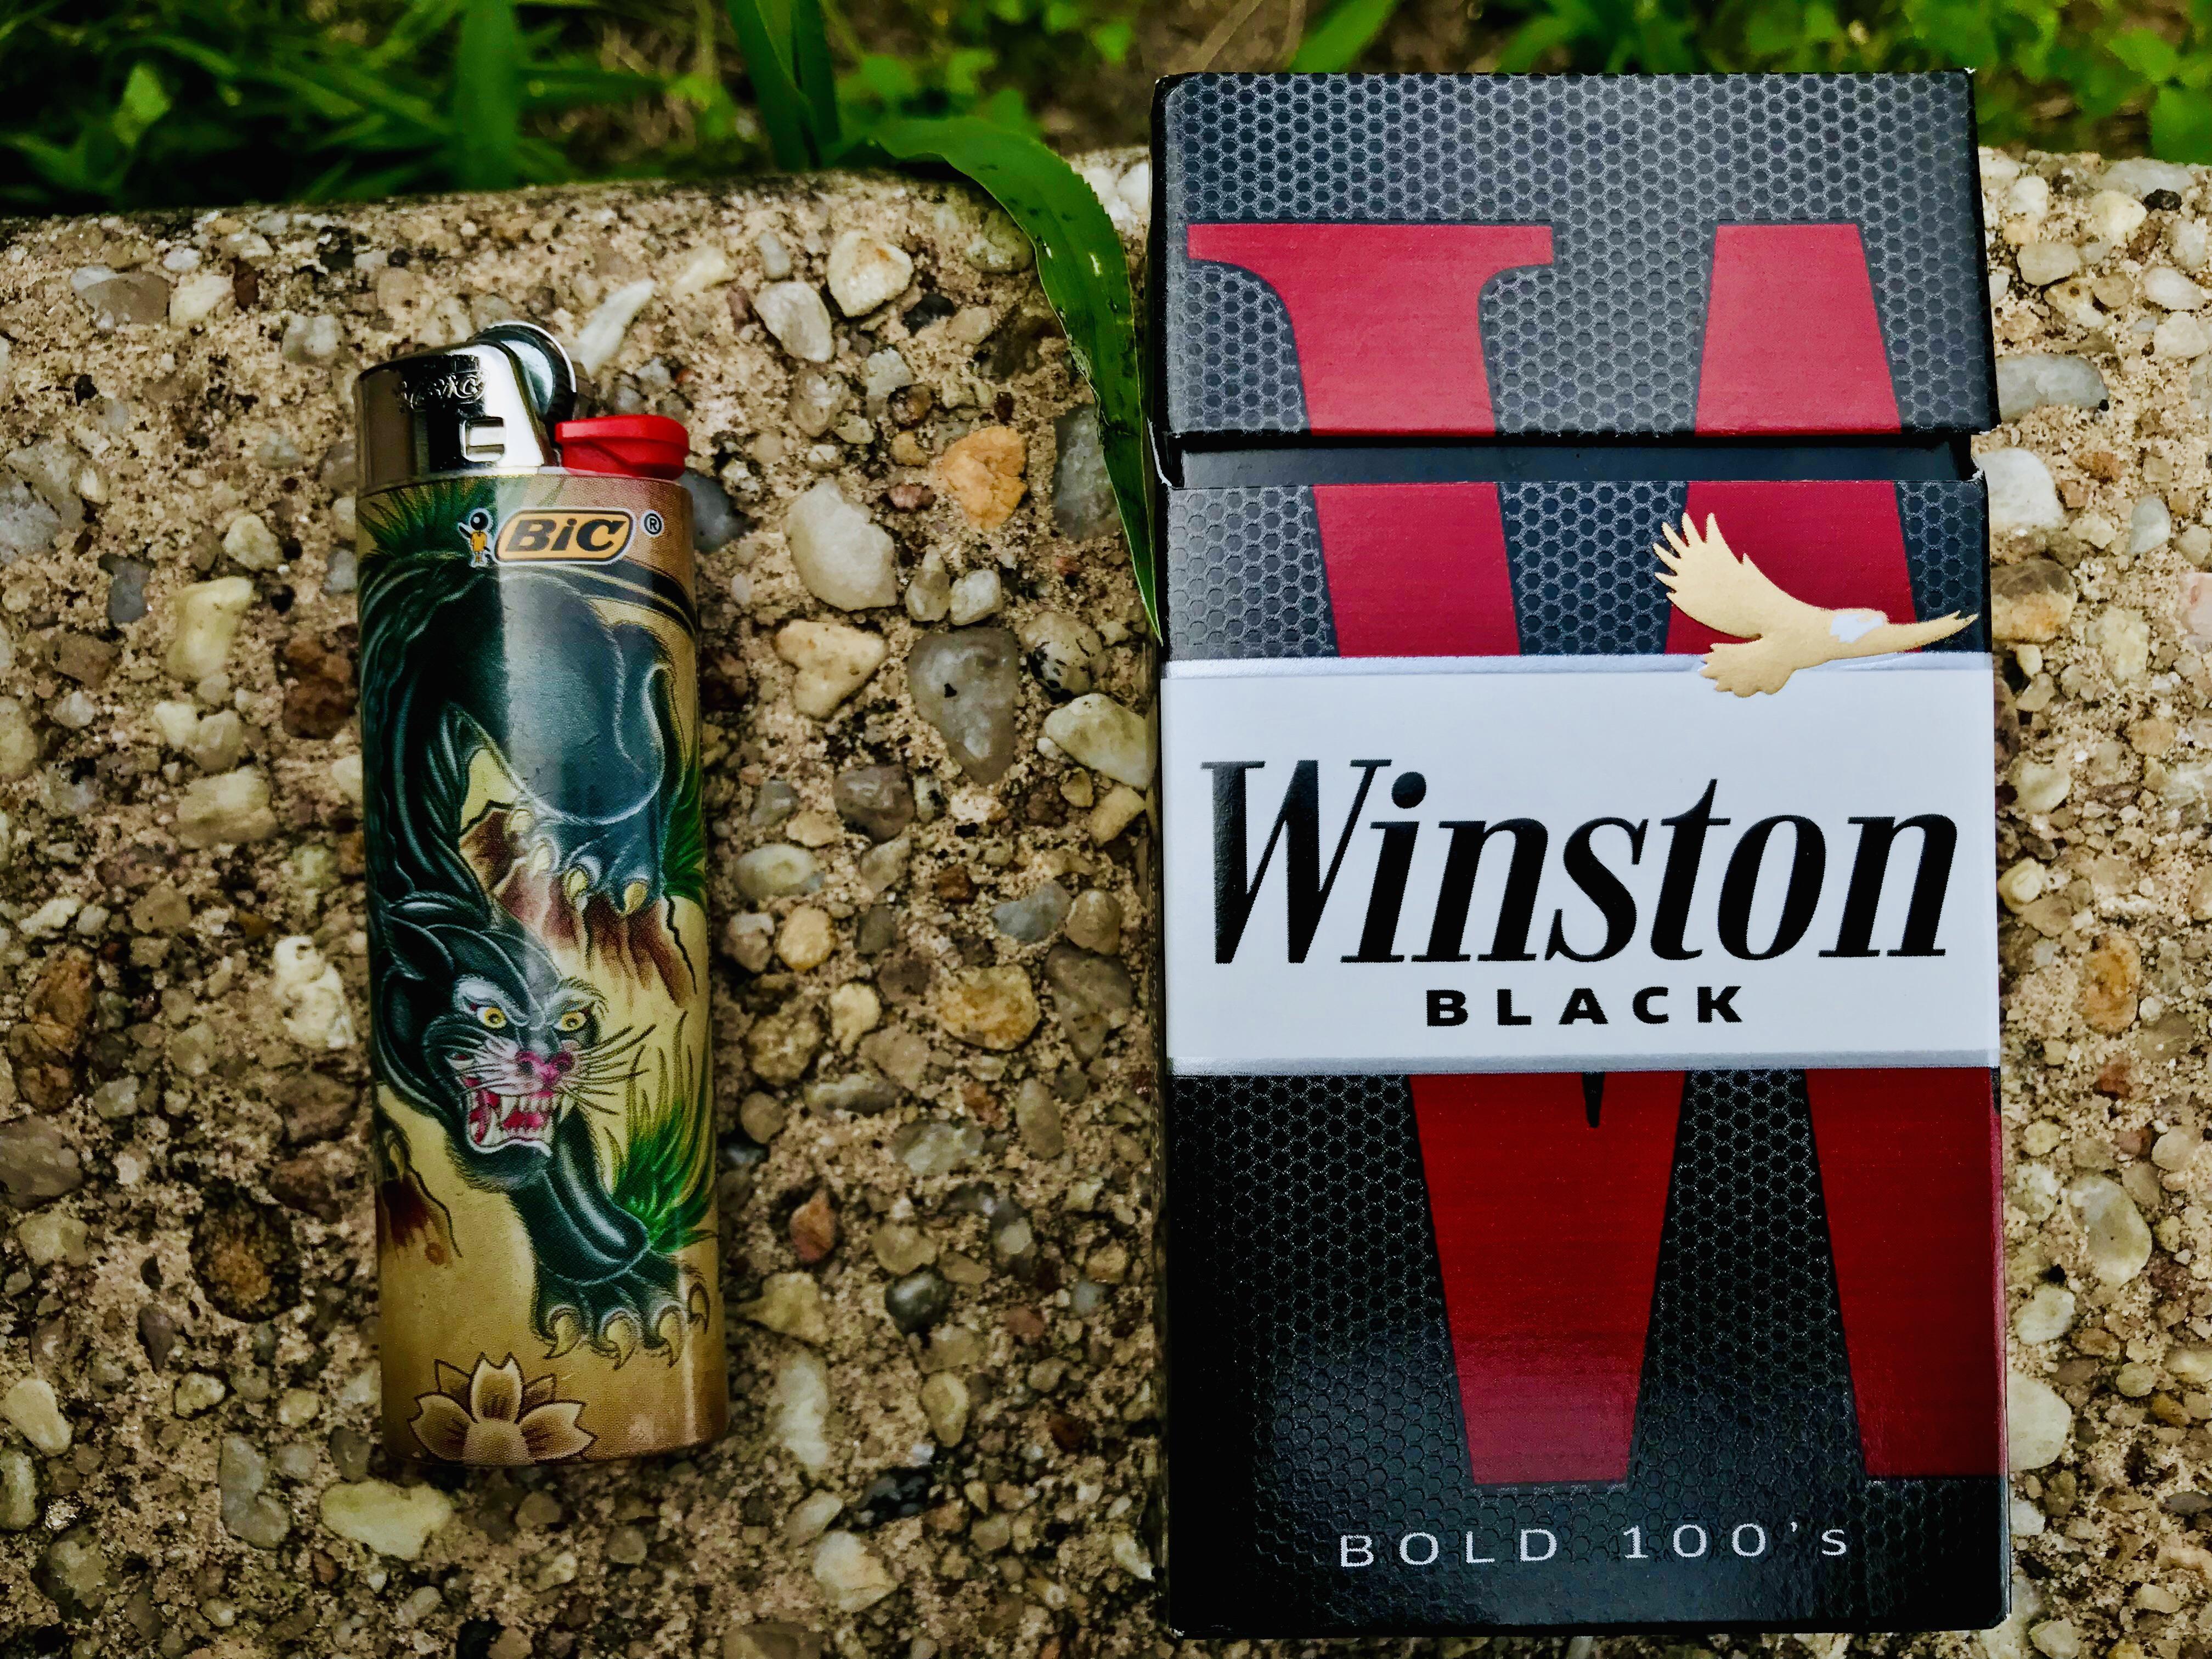 Winston Black Cigarettes